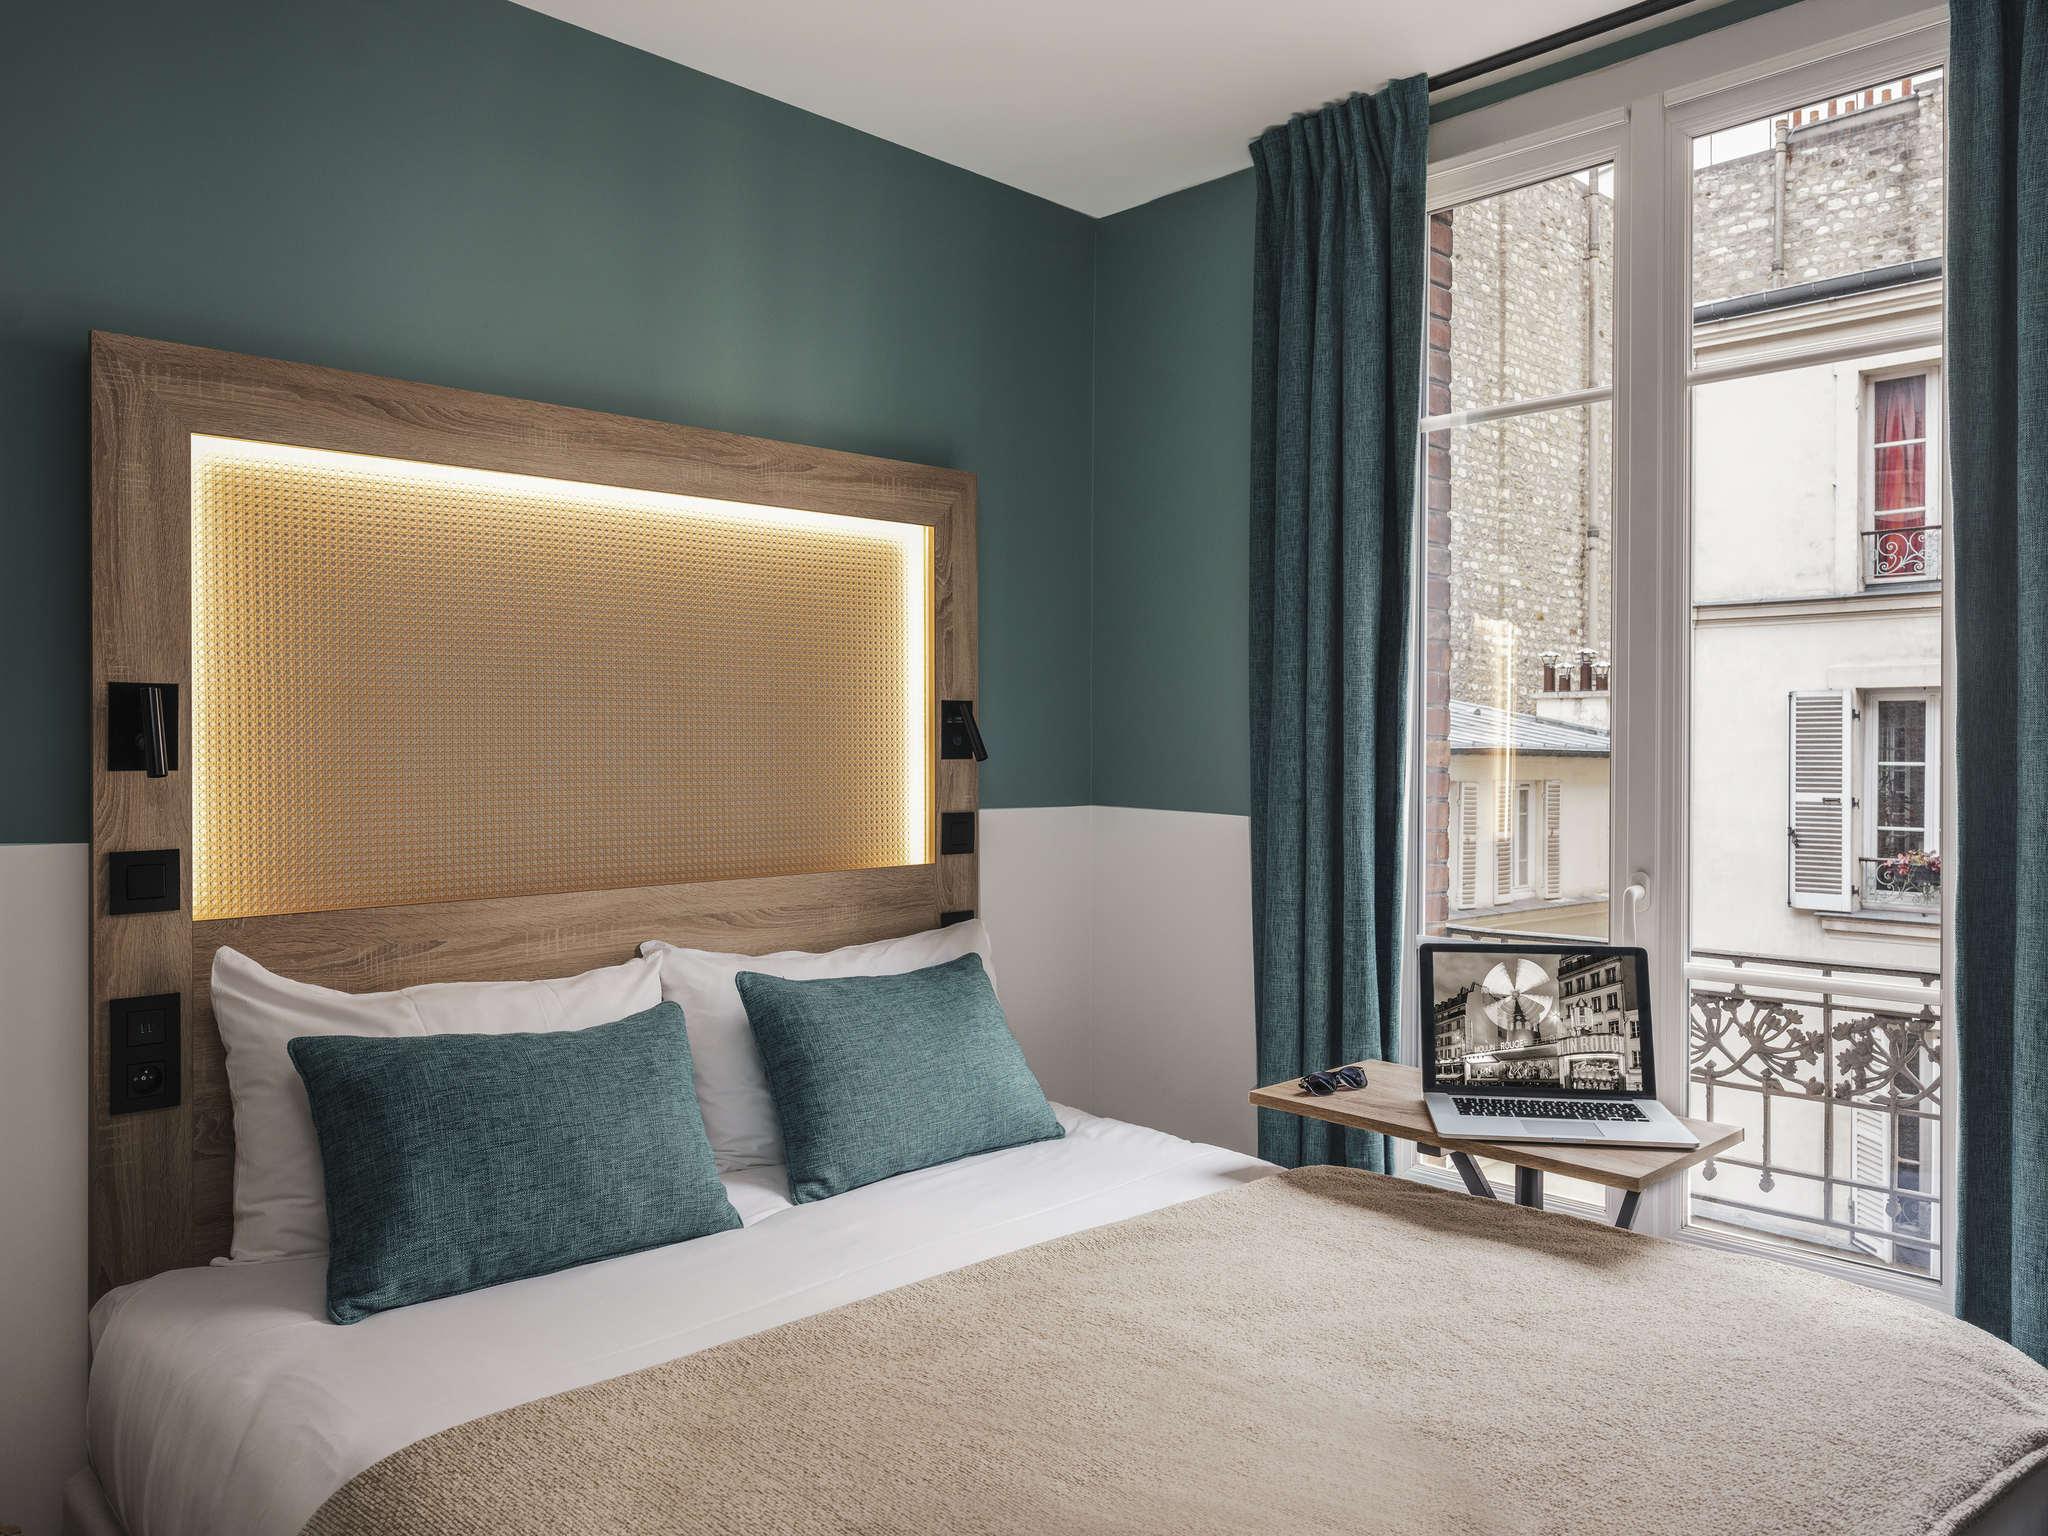 โรงแรม – ไอบิส สไตล์ มงมาร์ท นอร์